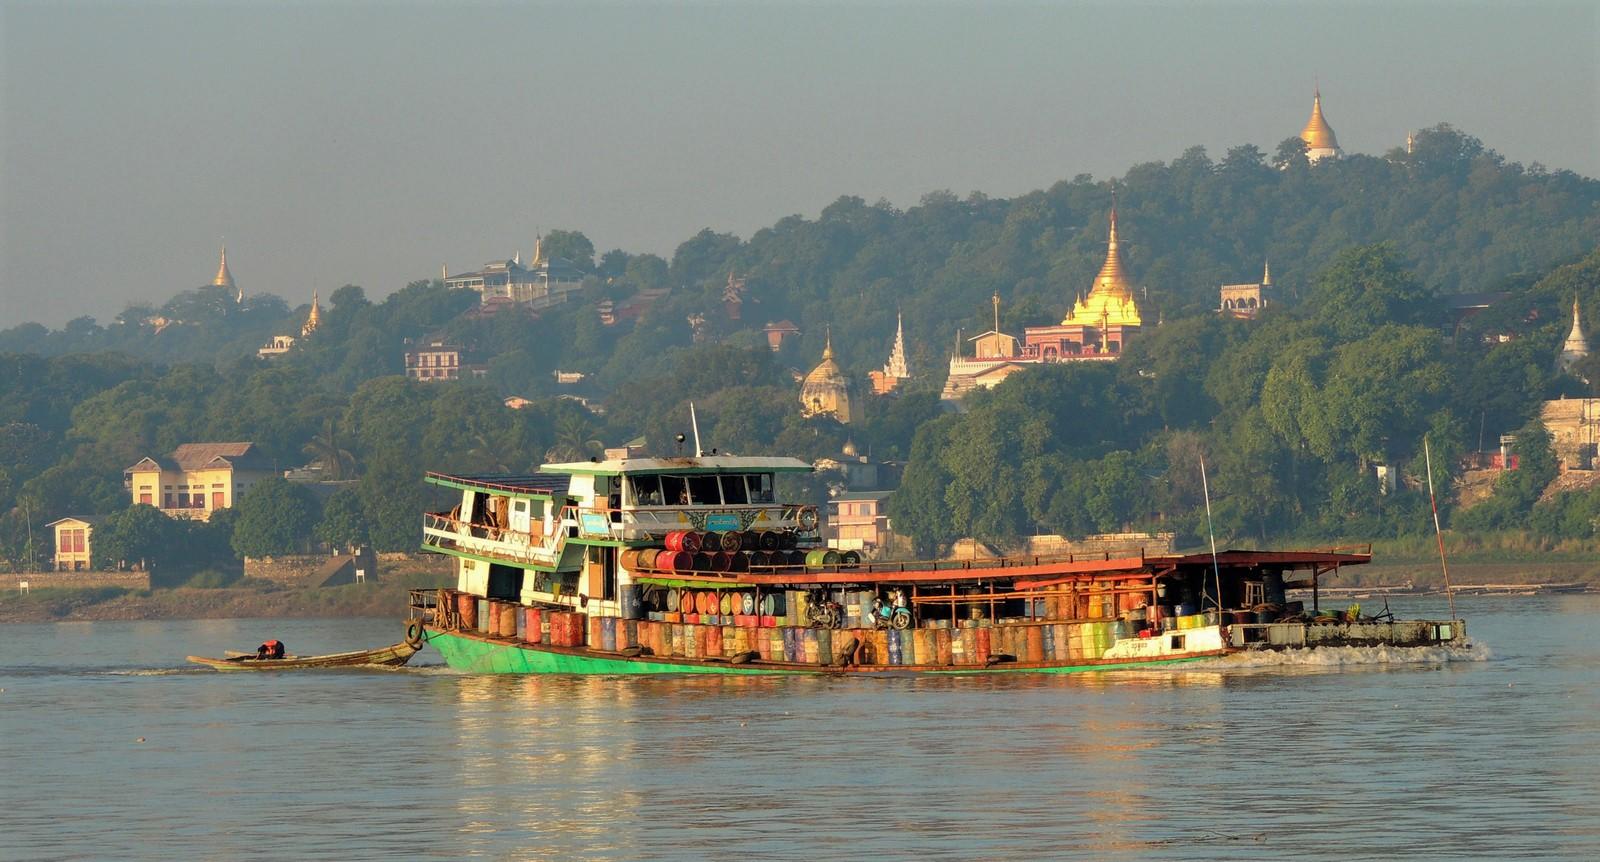 Sagaing am Irrawaddy